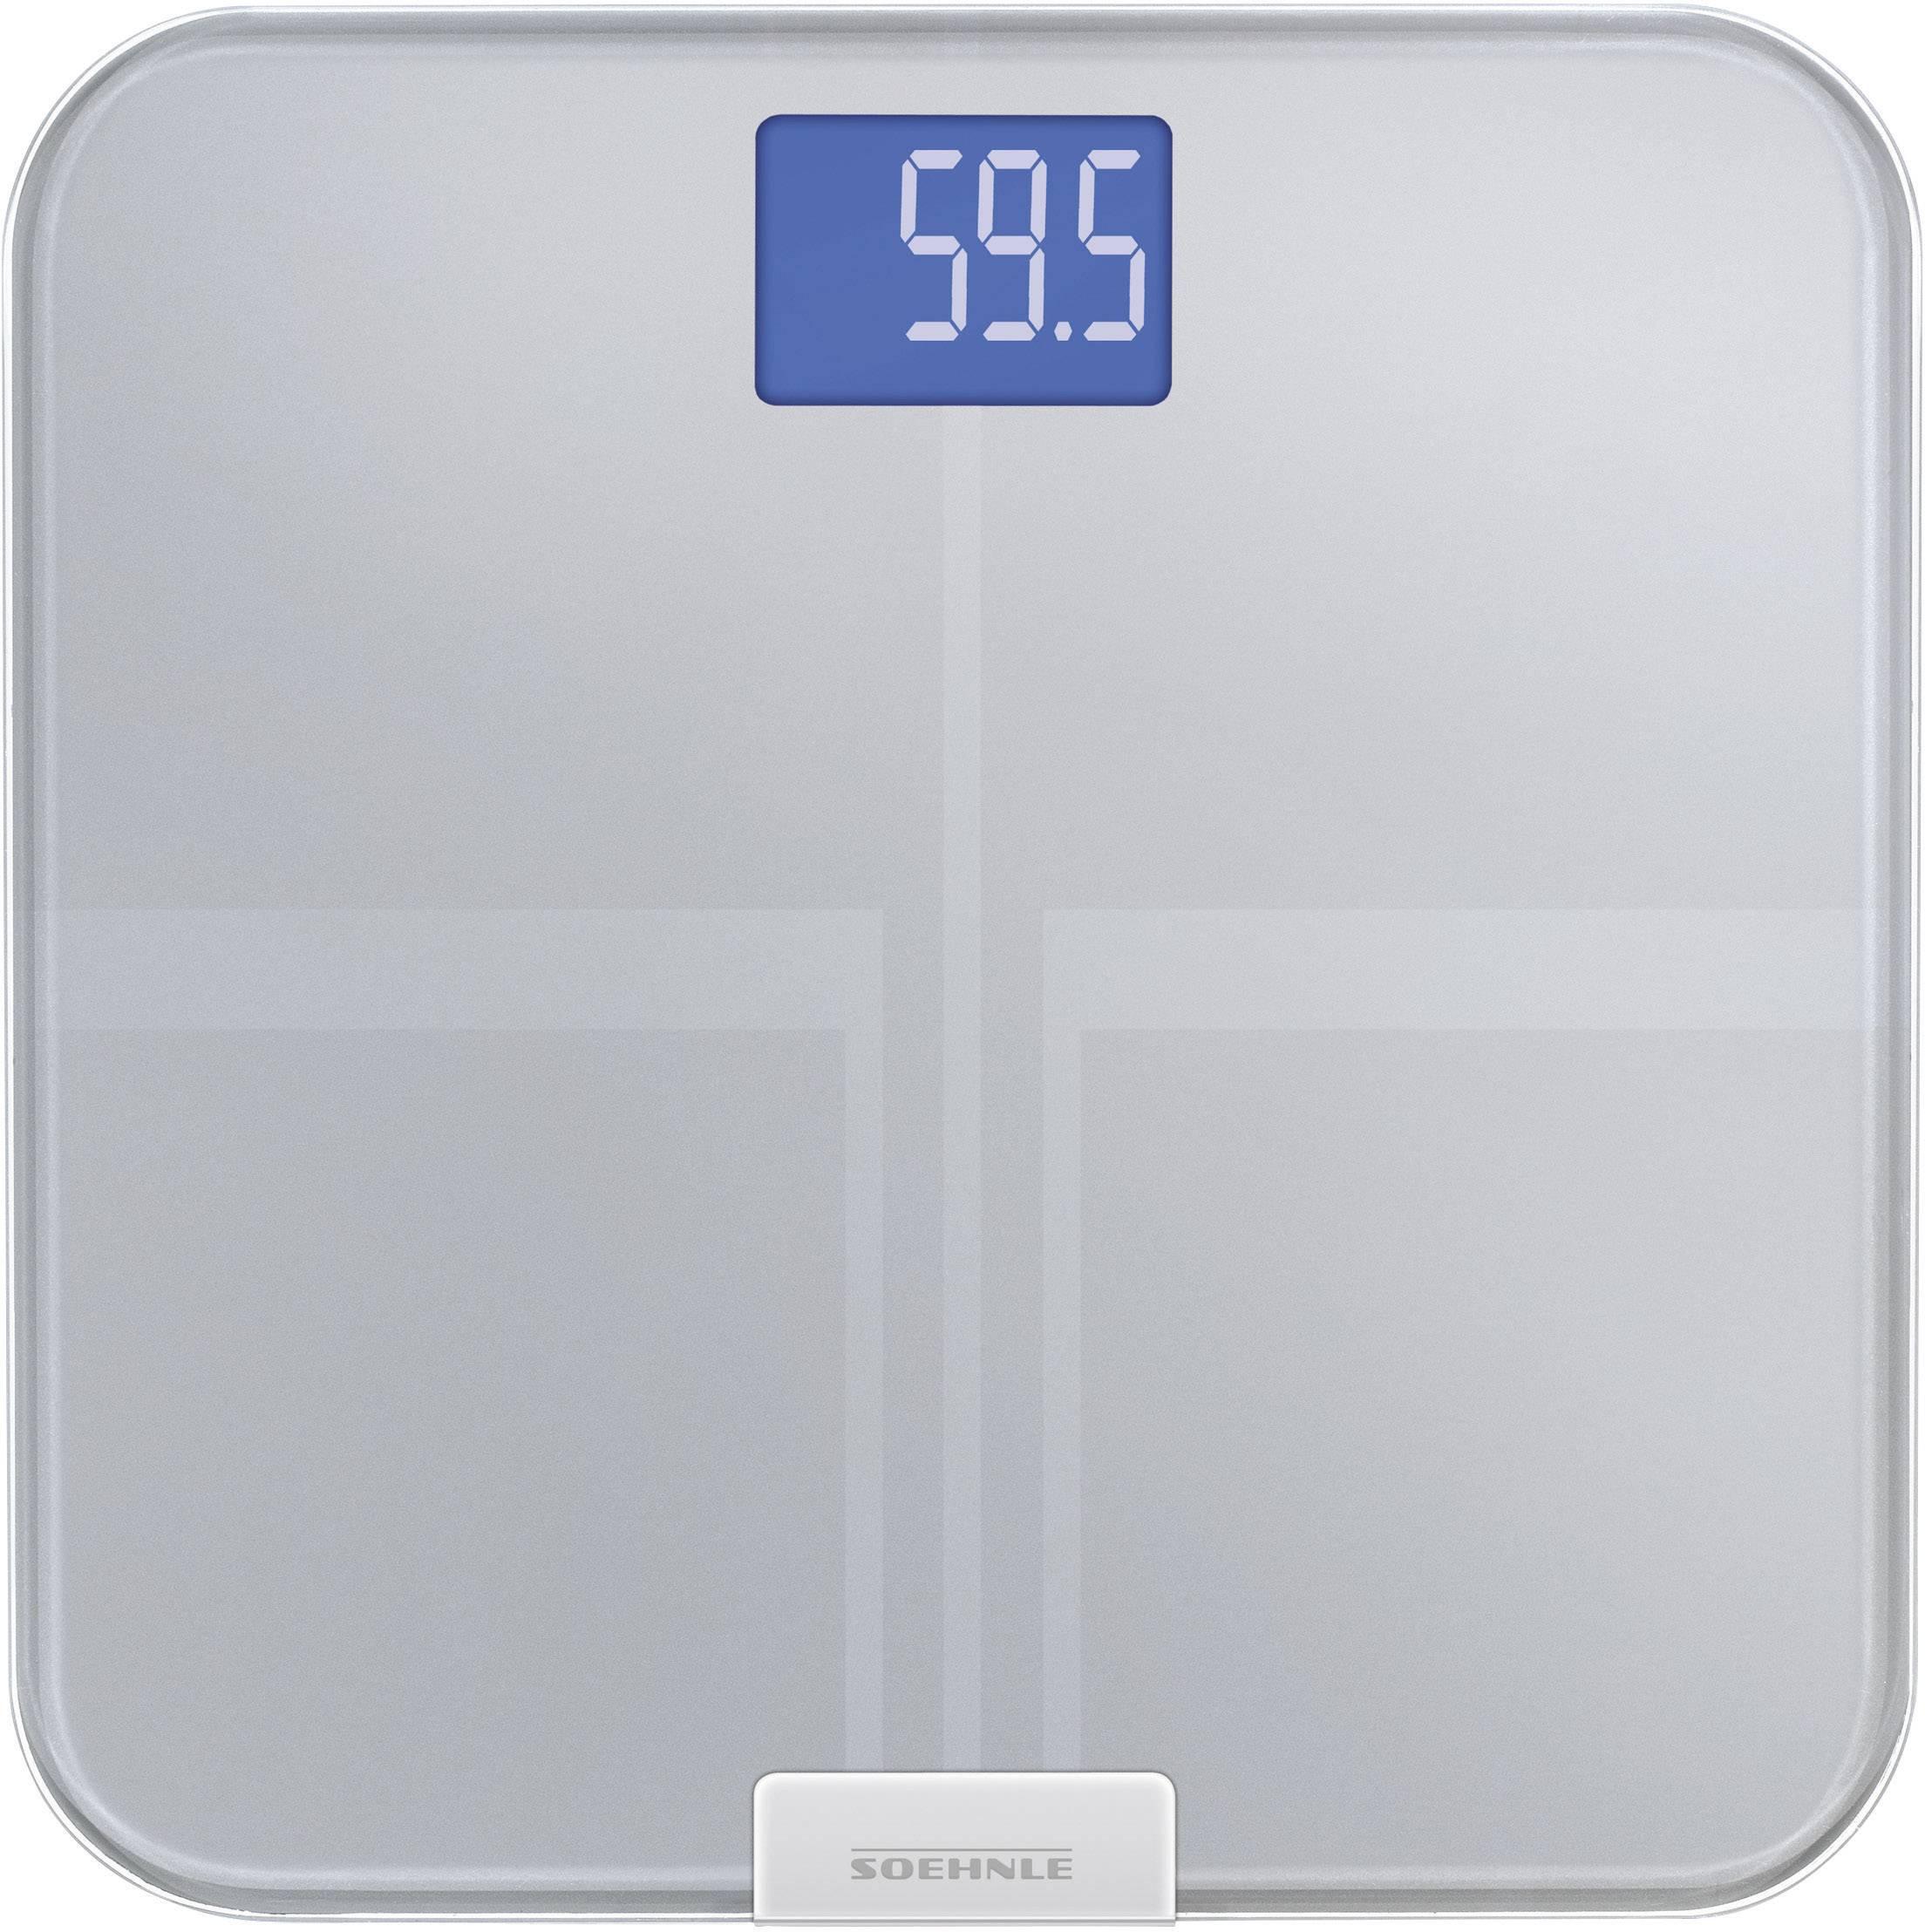 Osobní váha s analýzou tělesného tuku Soehnle Web Connect Analysis, 63340, kov